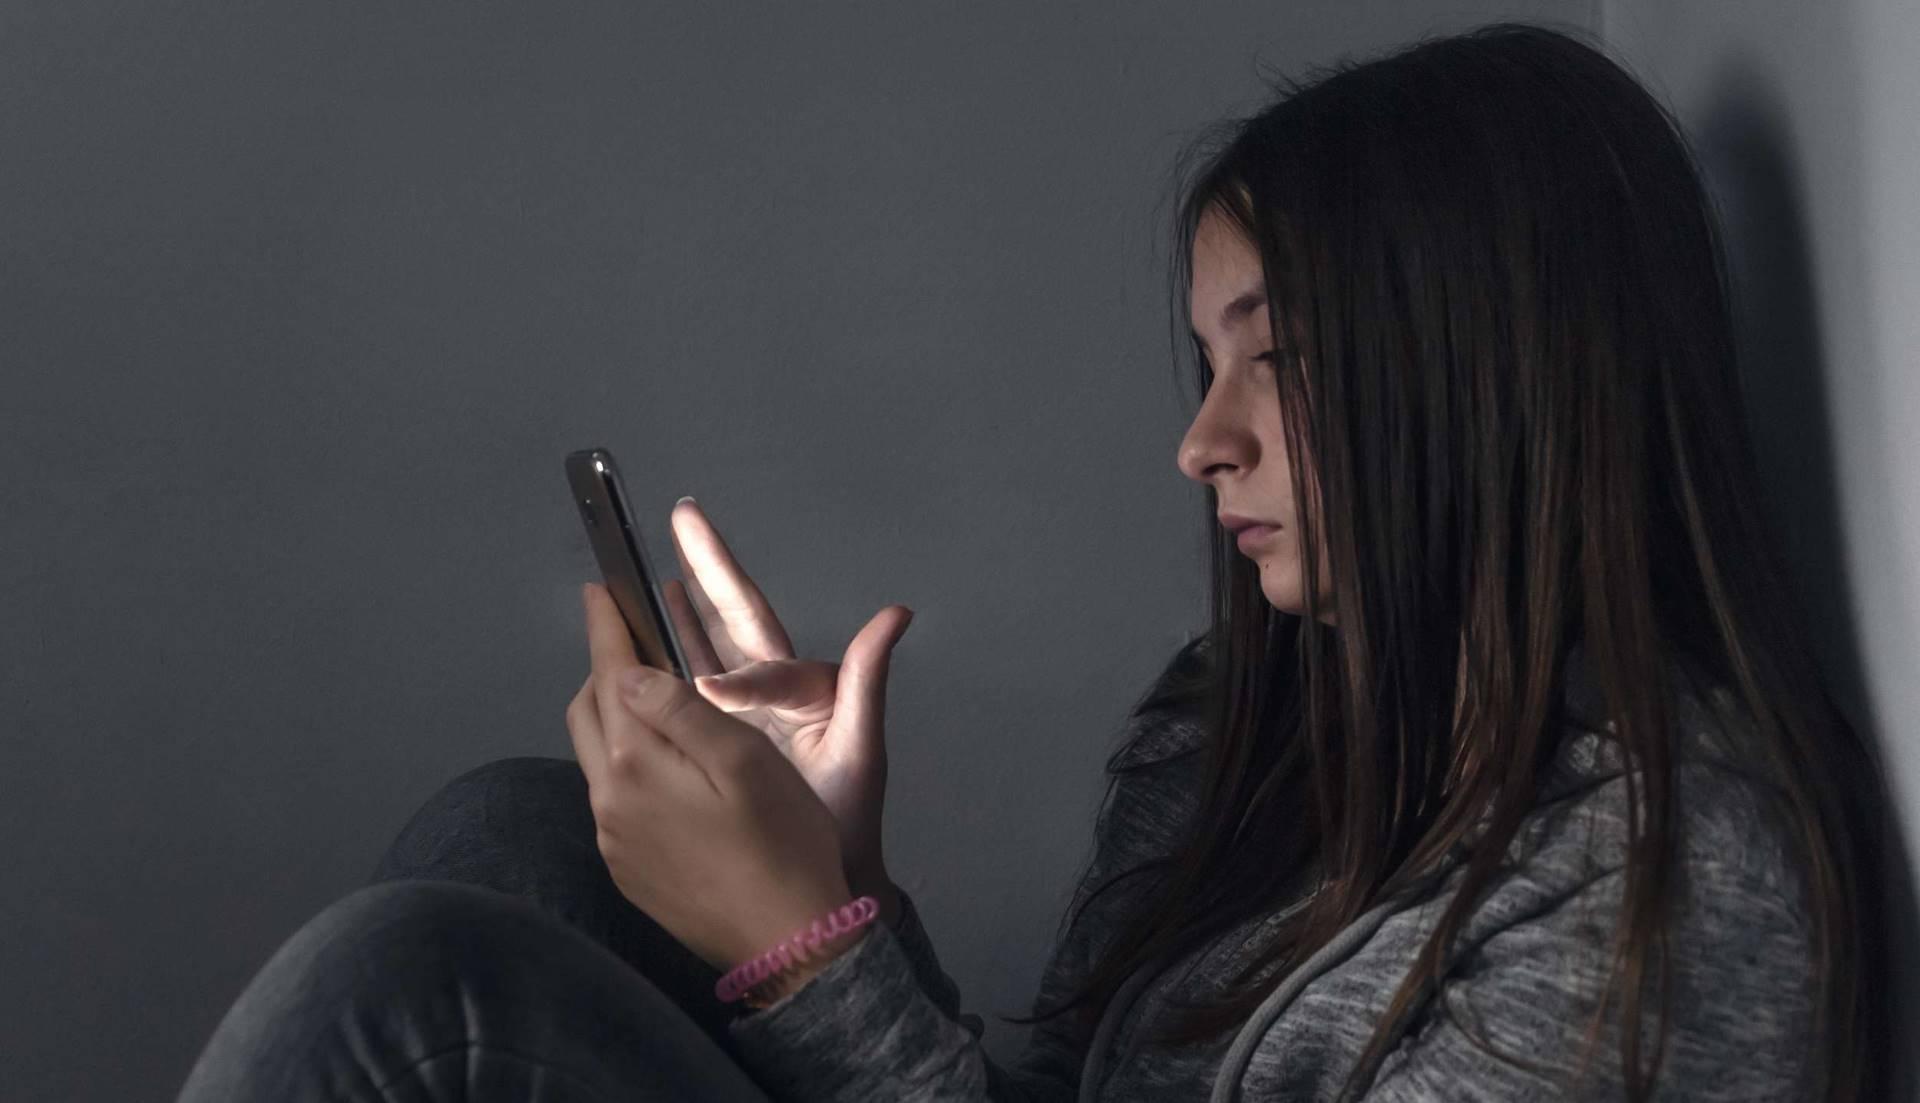 En jente utsatt for digital vold og nettovergrep.